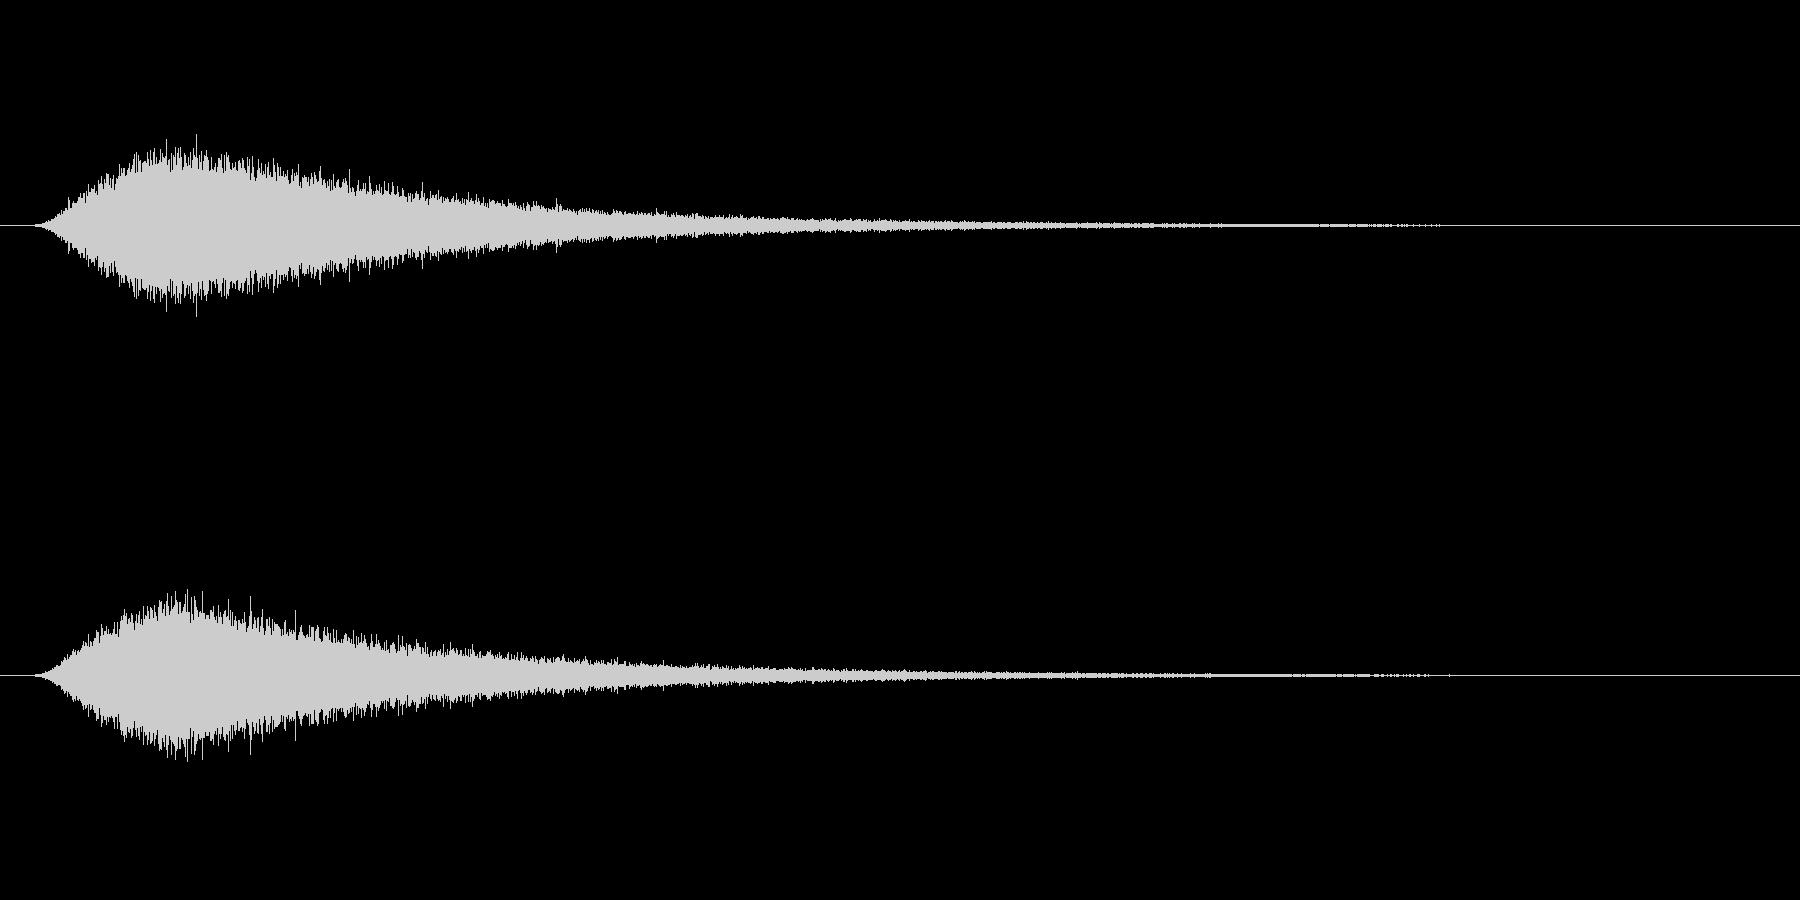 ロゴや転換、煙、スプレーなど-シュワーンの未再生の波形